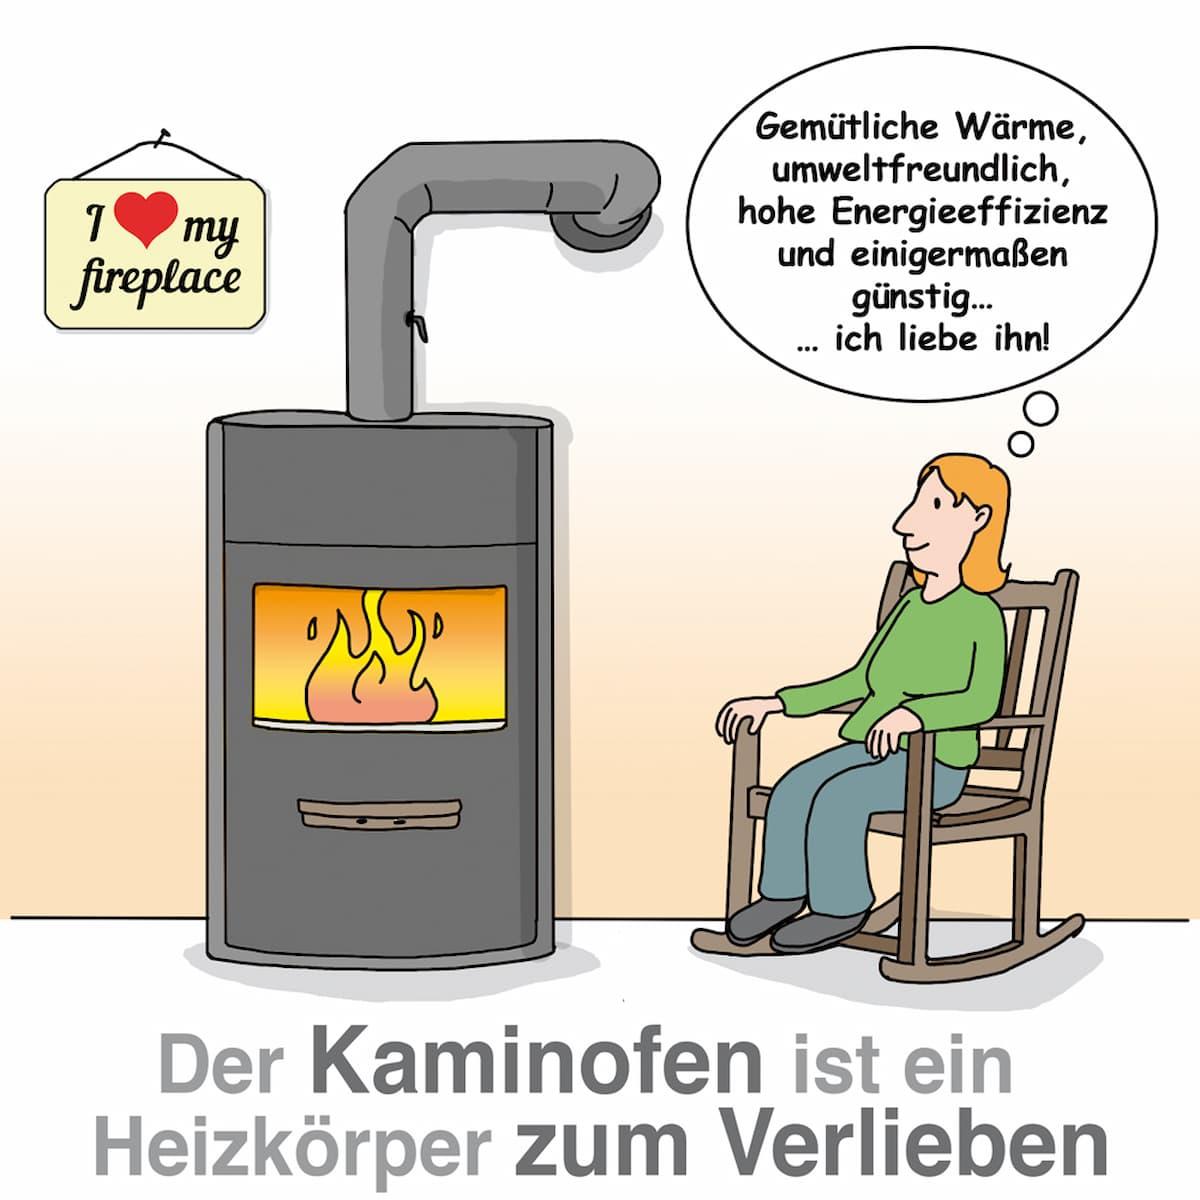 Kaminofen: Gemütlich und umweltfreundlich